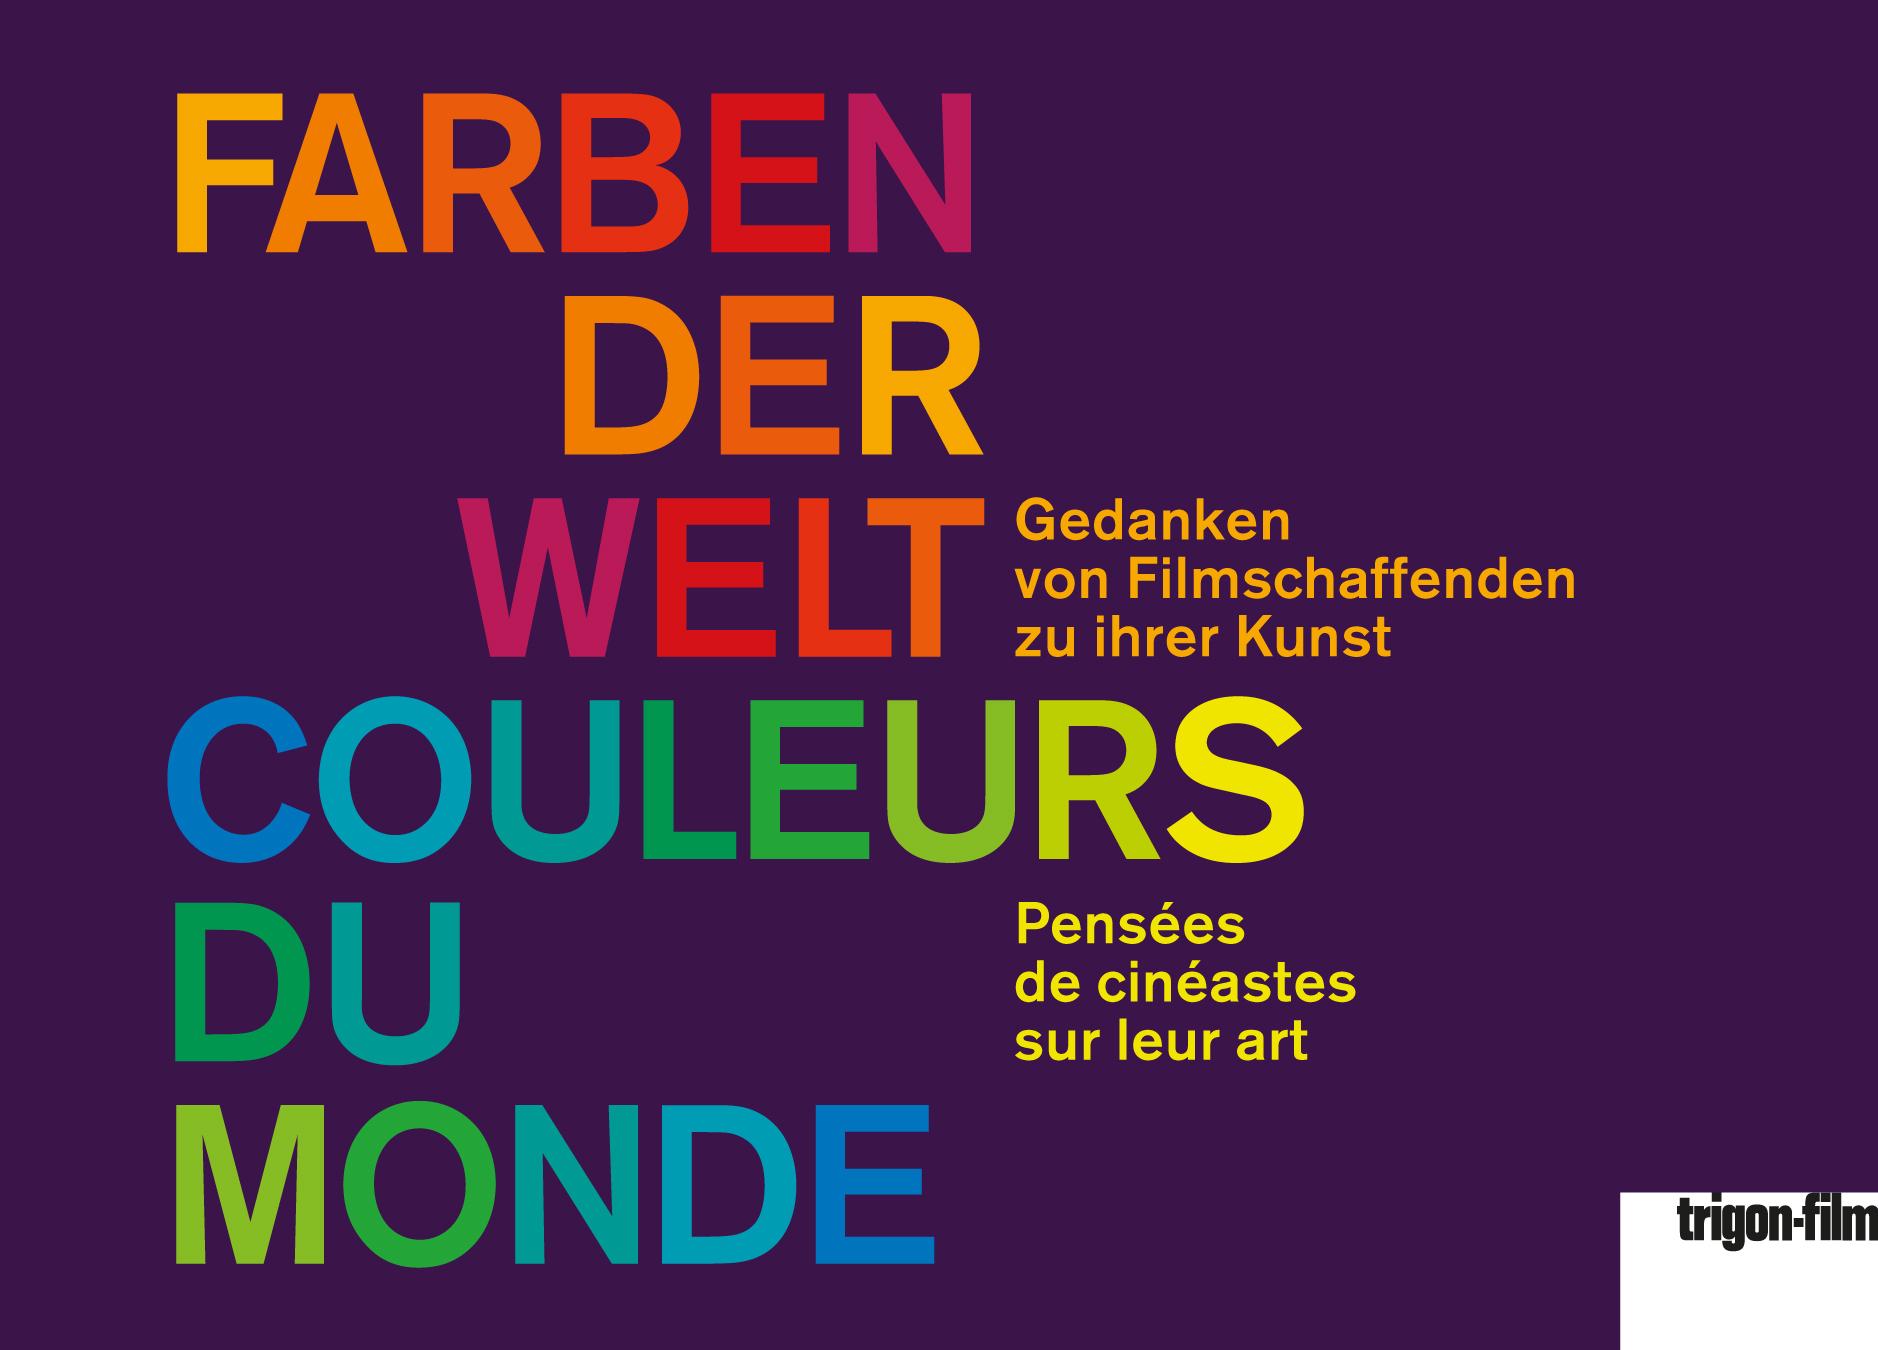 Farben der Welt (Buch) – trigon-film.org